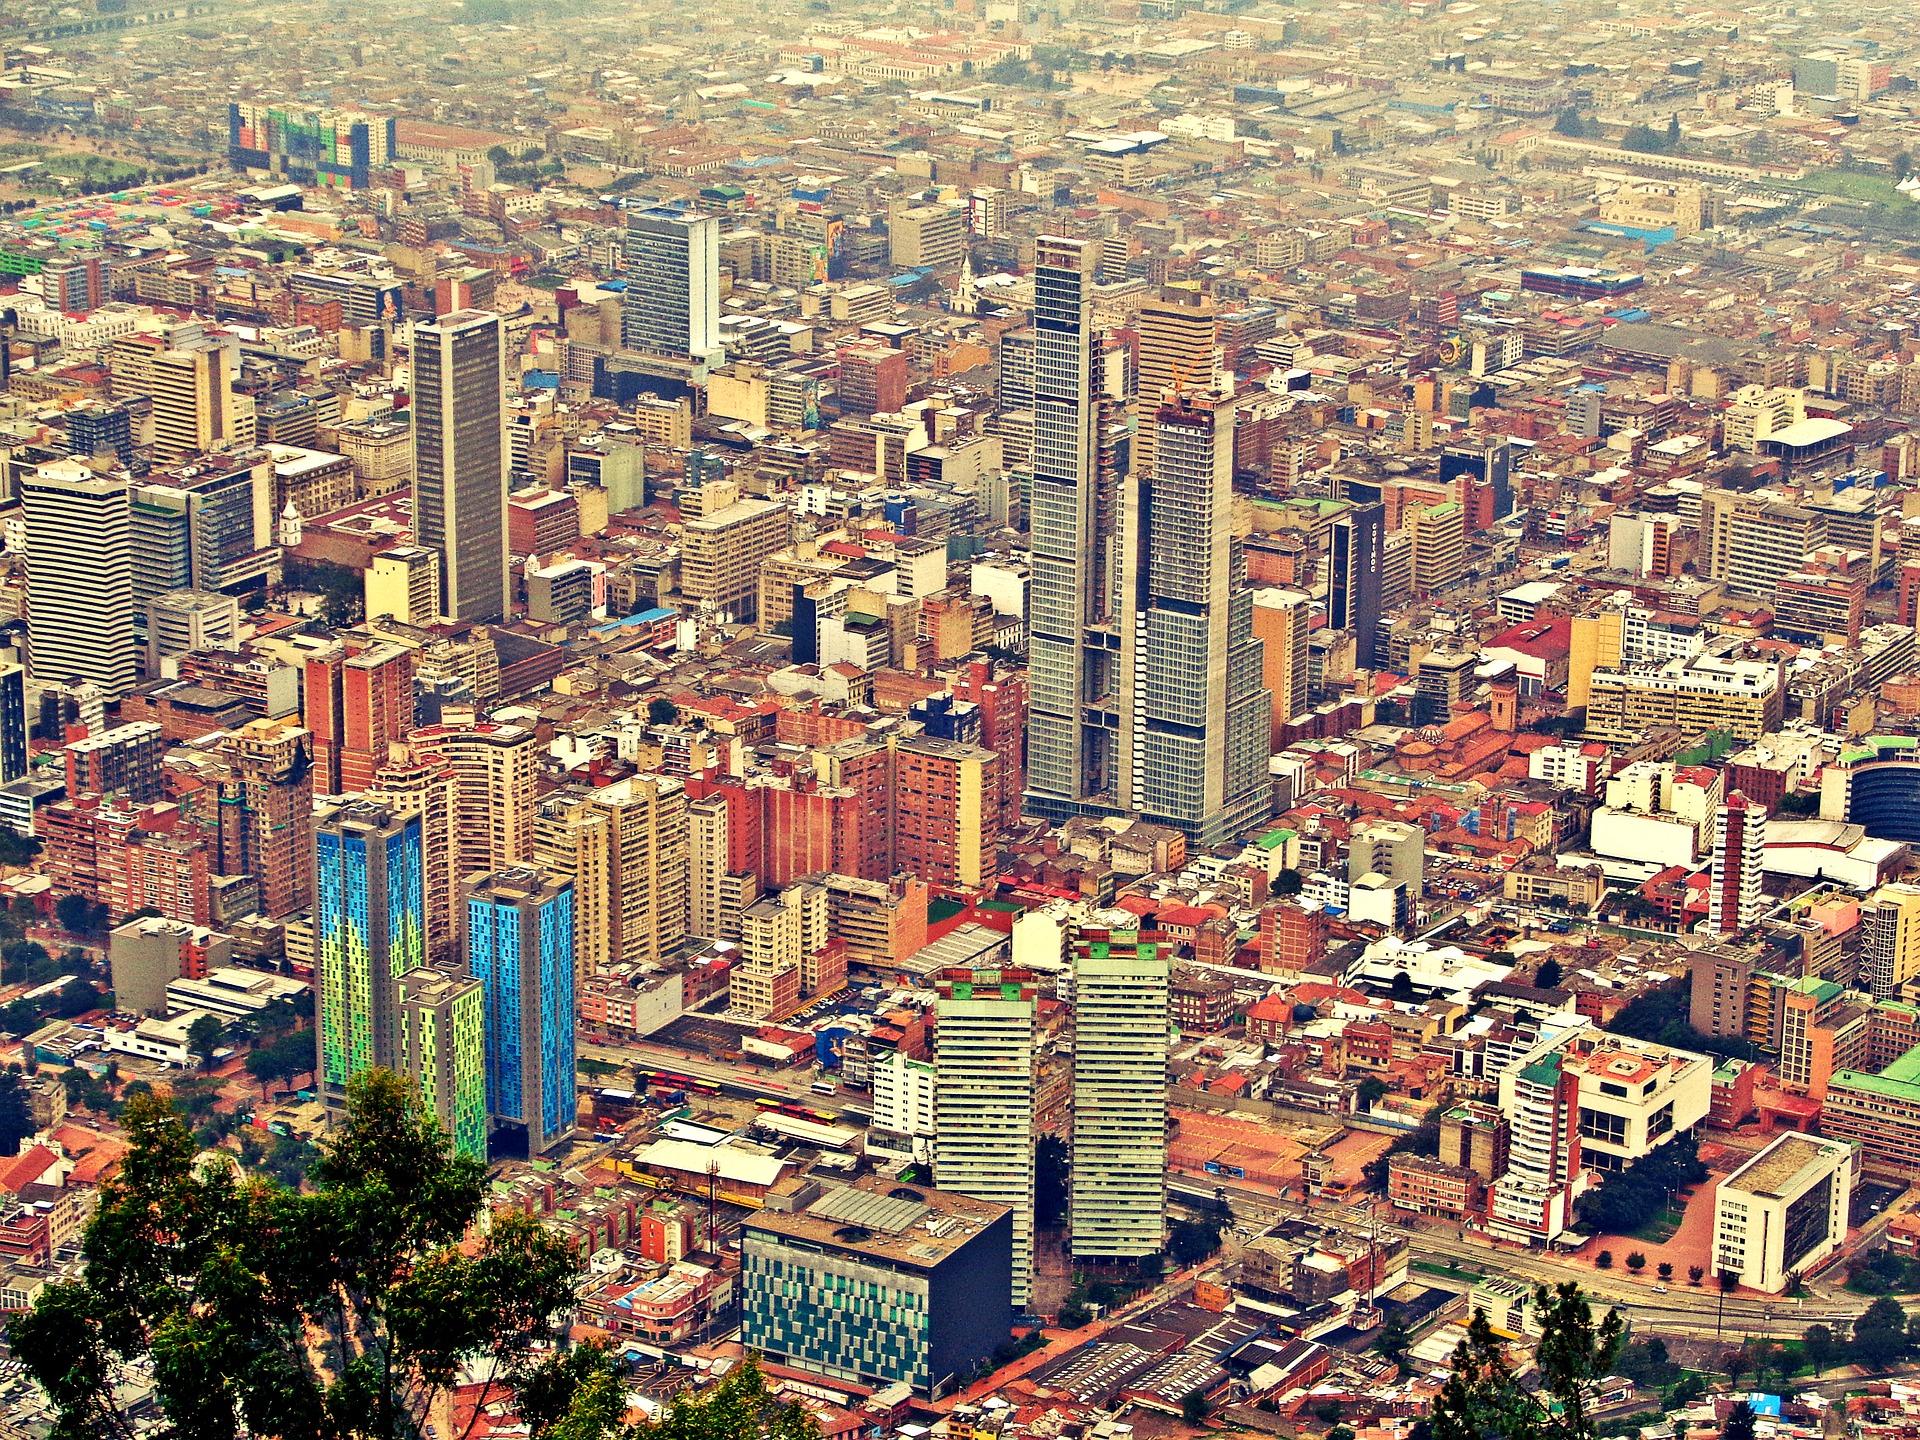 Szlakiem Narcos, czyli dlaczego (i czy) warto wybrać się do narkotykowego świata? 2